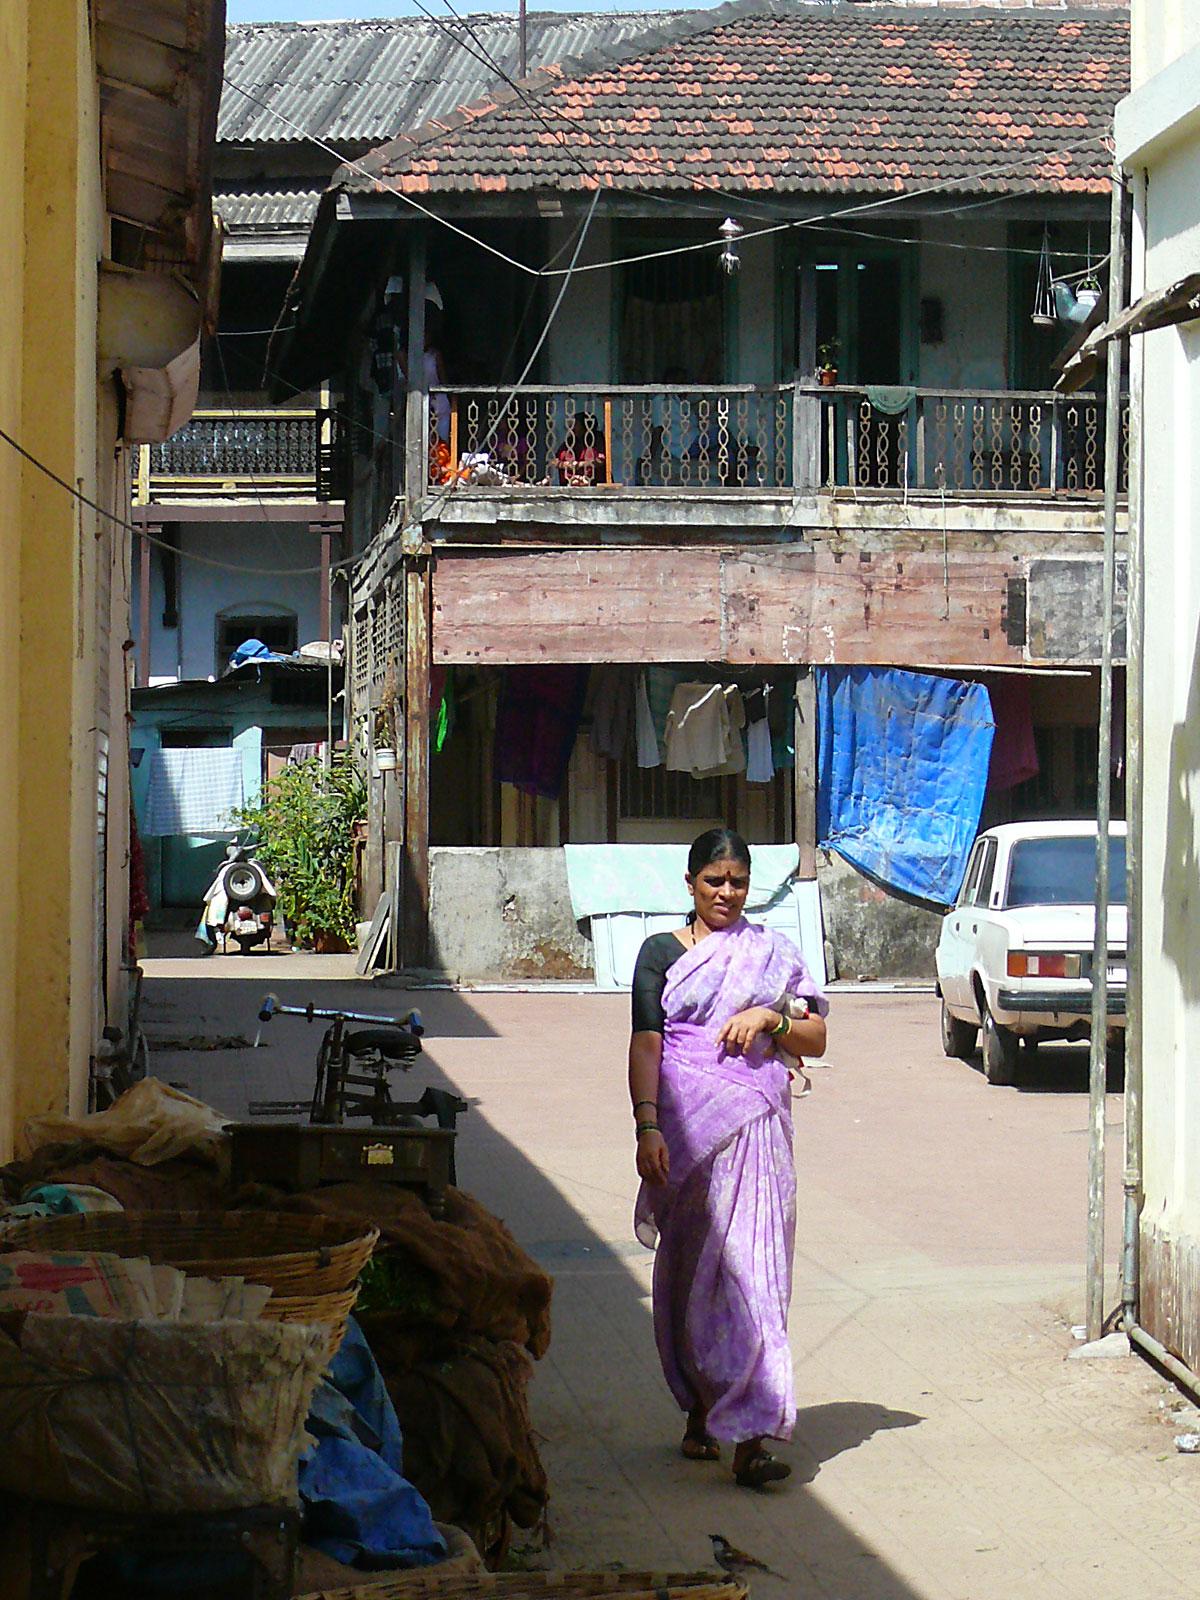 INDIEN MUMBAI Menschen Wohnen FINEST-onTour P1030455.jpg